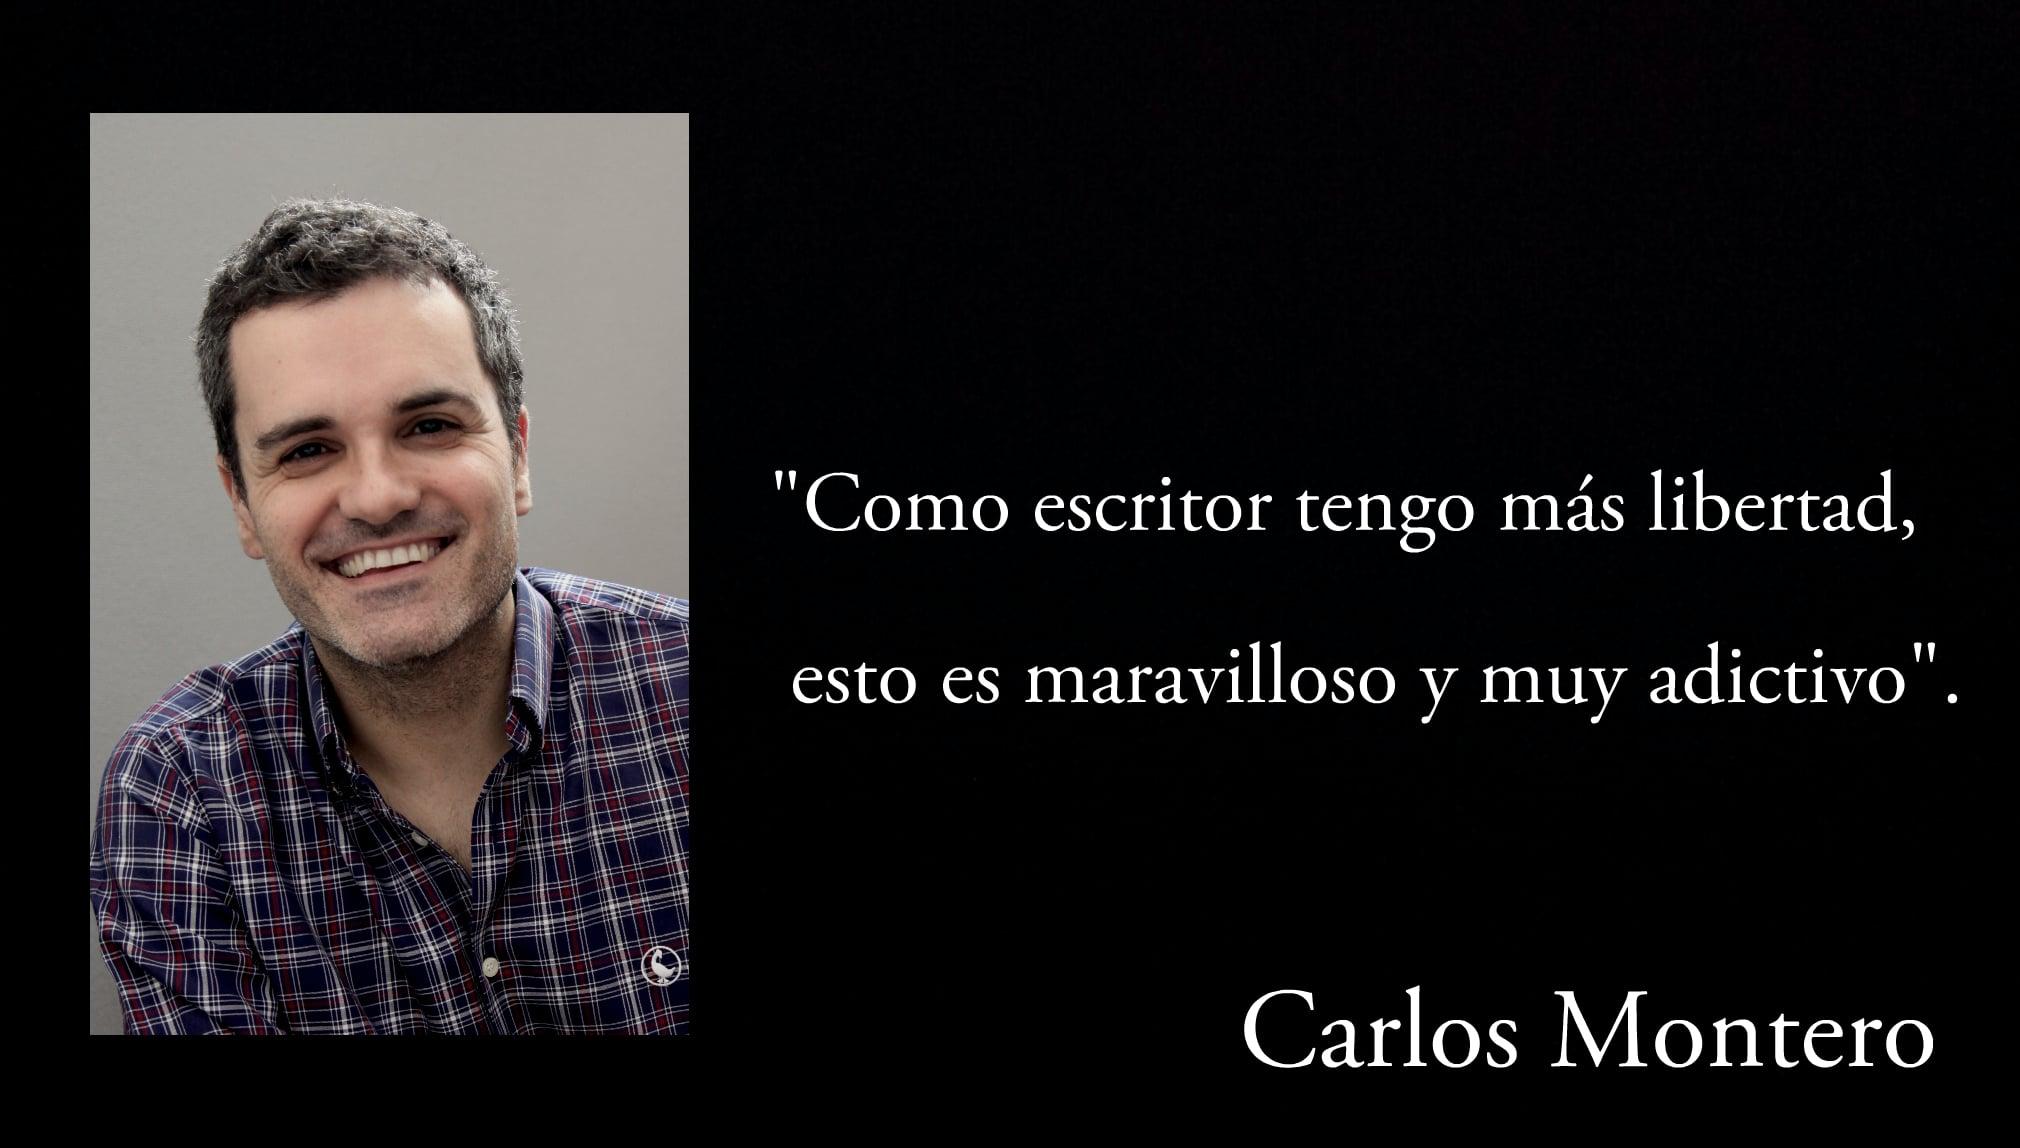 Frase del escritor Carlos Montero.